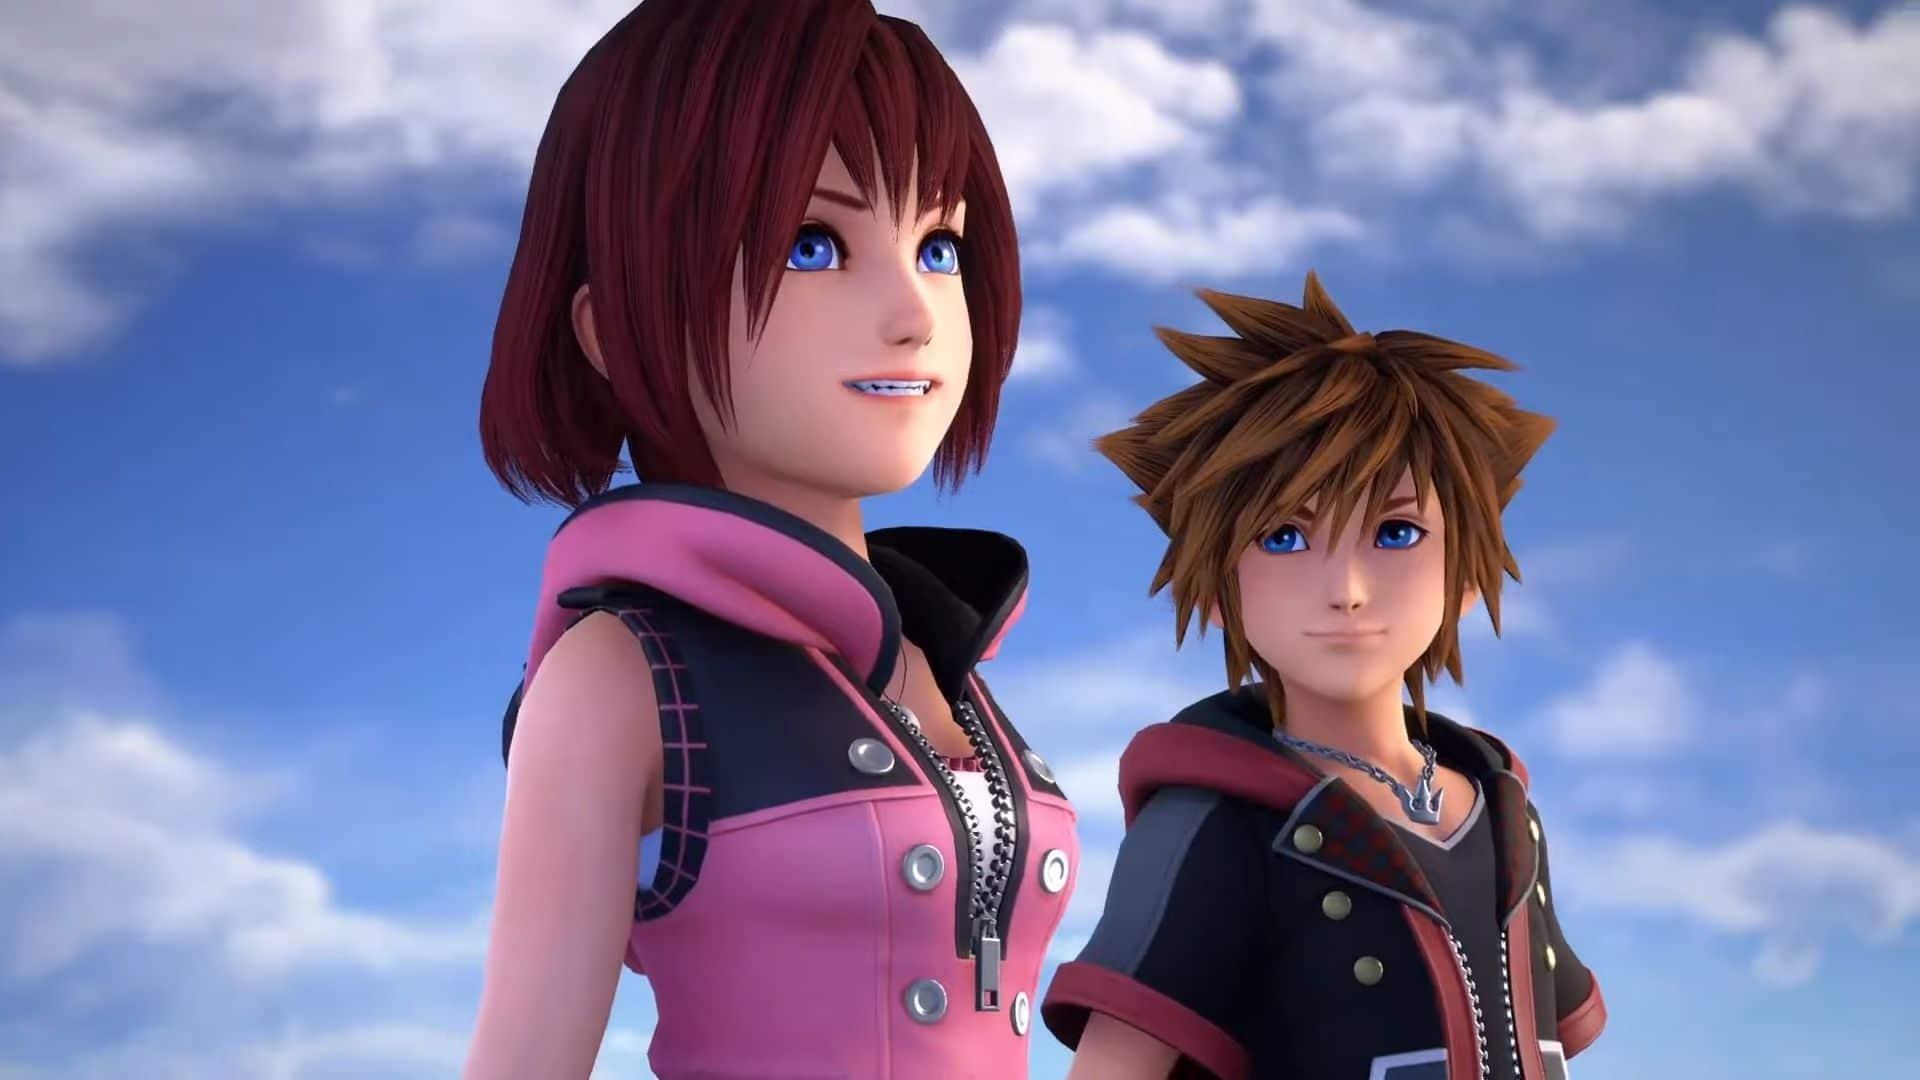 DLC Kingdom Hearts 3 Re:MIND ganha trailer e data de estreia